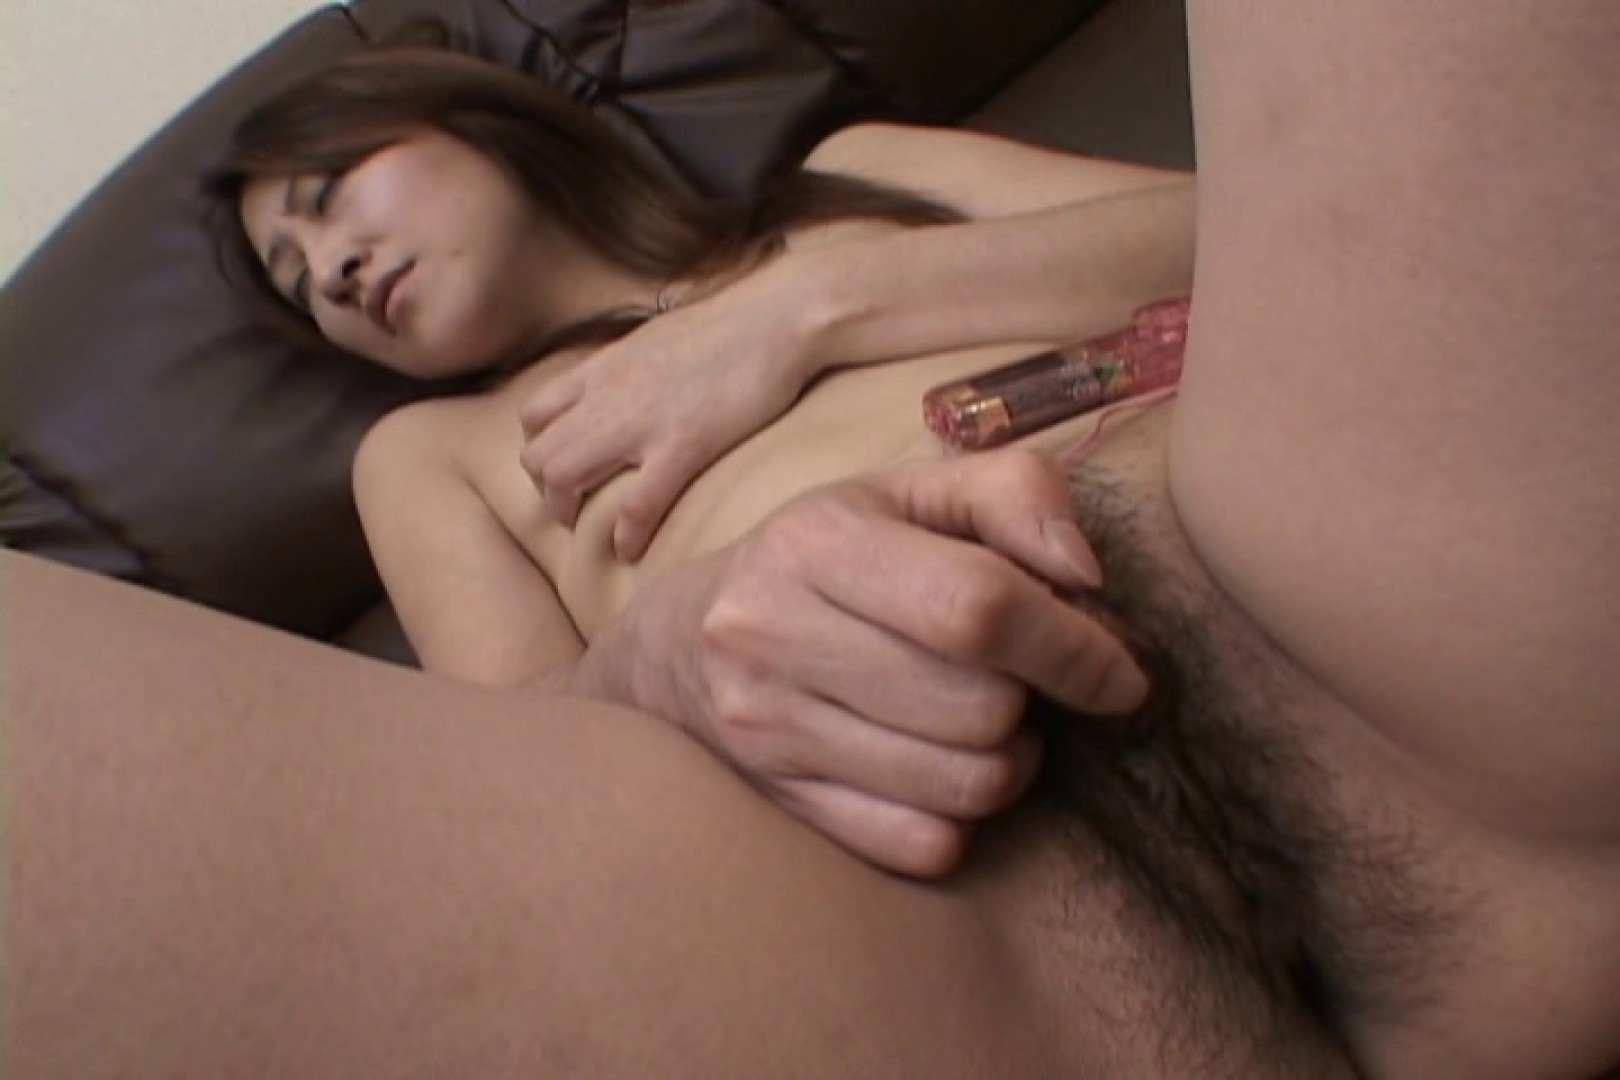 オナニー好きの綺麗なお姉さんと楽しくSEX~姫野あかね~ オナニー集 性交動画流出 62pic 57